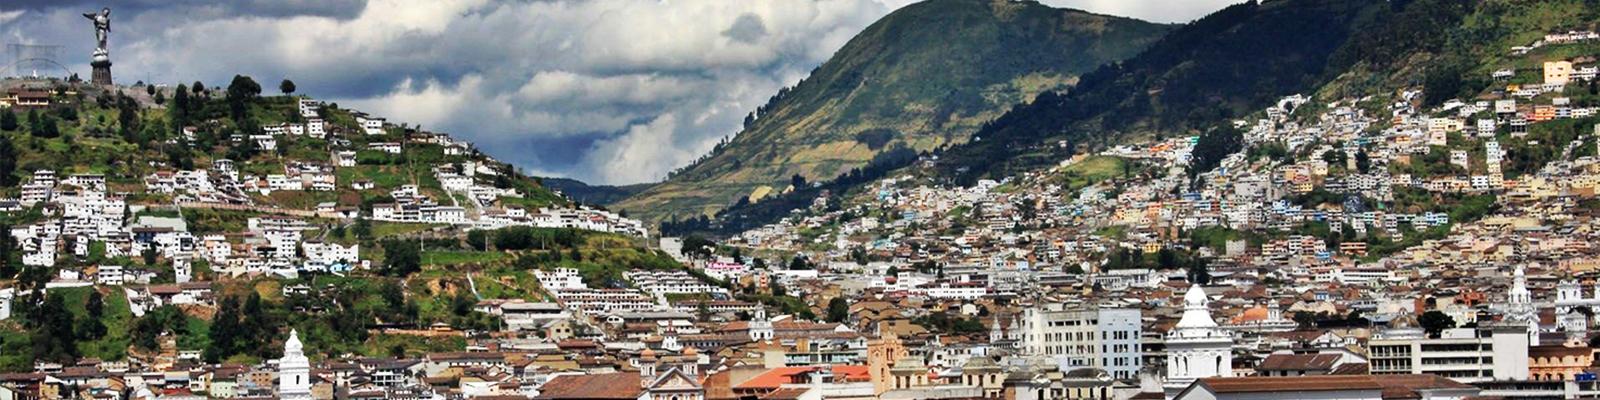 Quito Ecuador